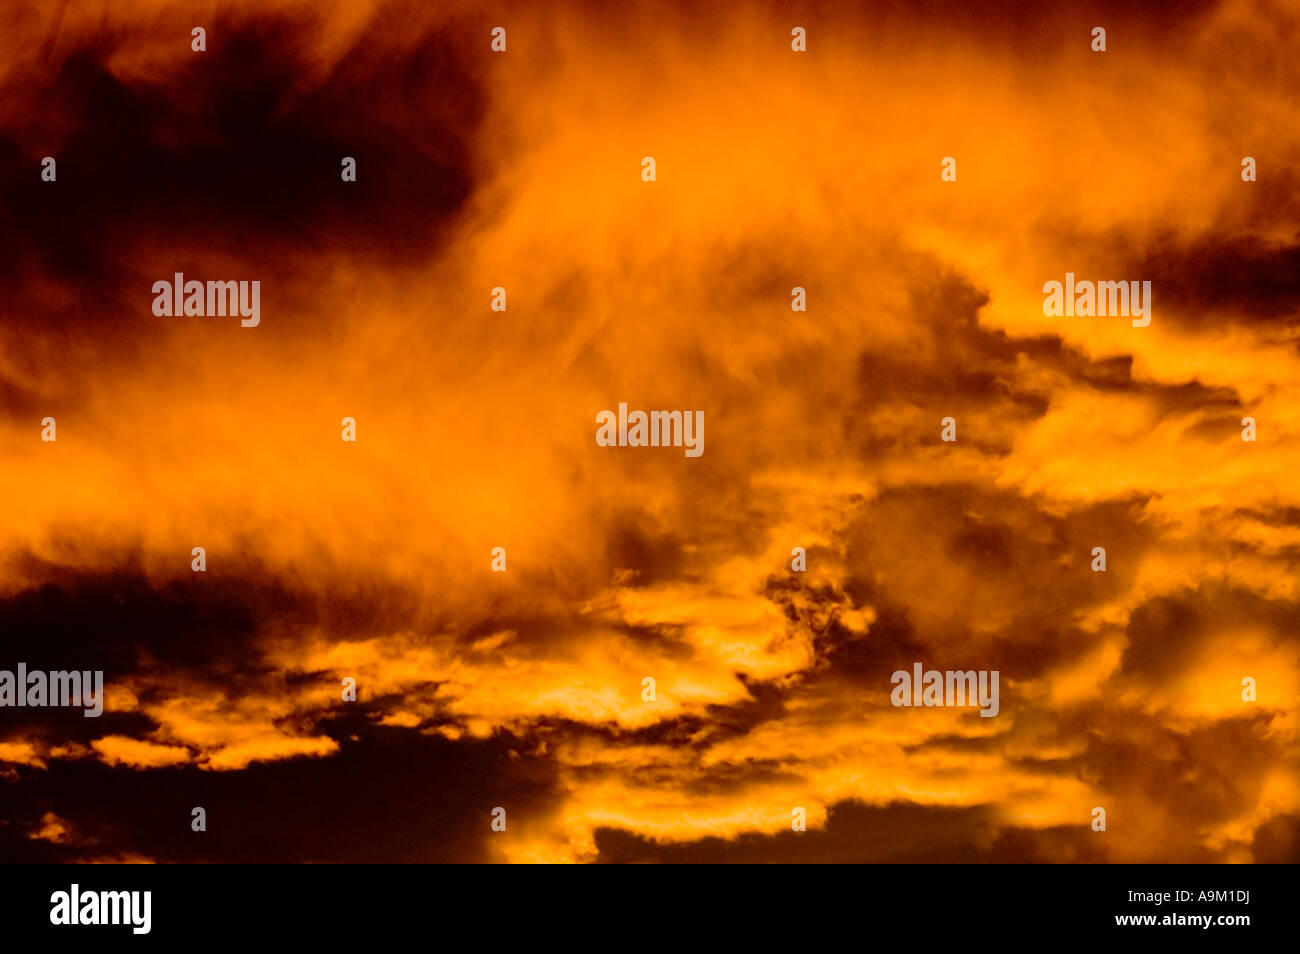 Nuages au coucher du soleil avec une couleur intense Photo Stock